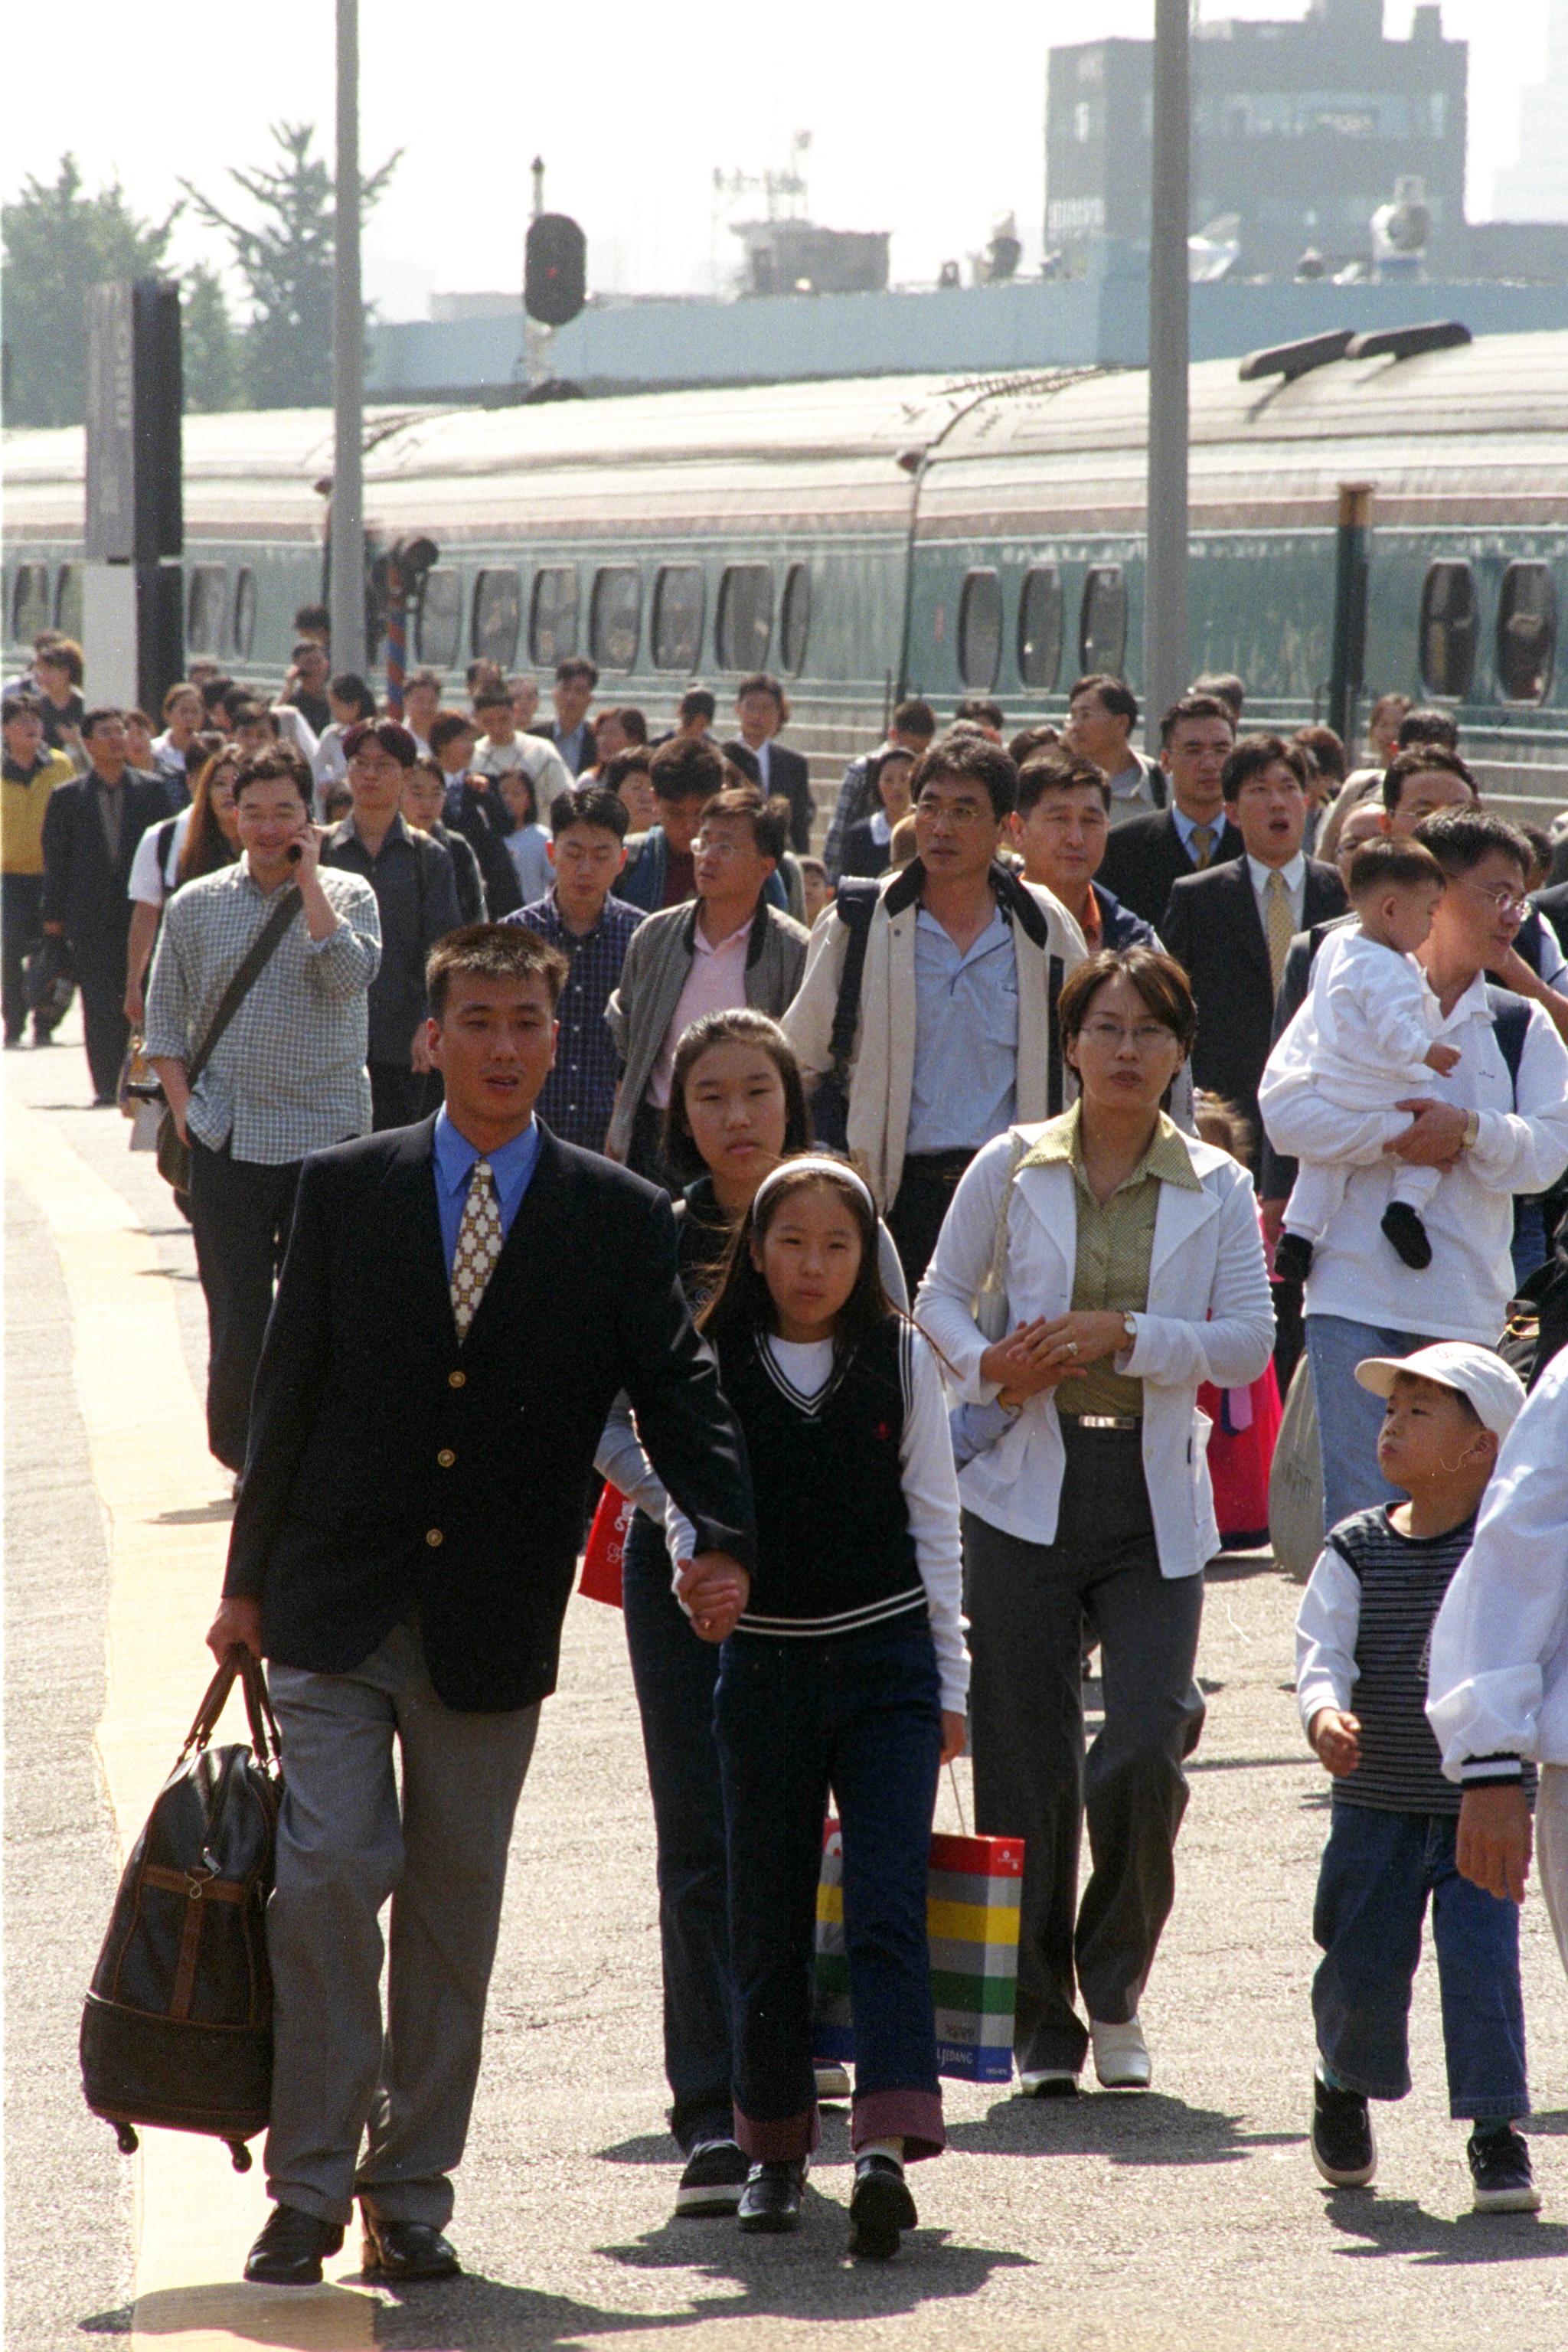 1999년 추석연휴(9월 23~26일) 마지막날인 26일 오후 고향의 정이 가득 담긴 선물 보따리를 든 귀경객들이 밝은 표정으로 서울역 플랫폼을 빠져나오고 있다.[중앙포토]